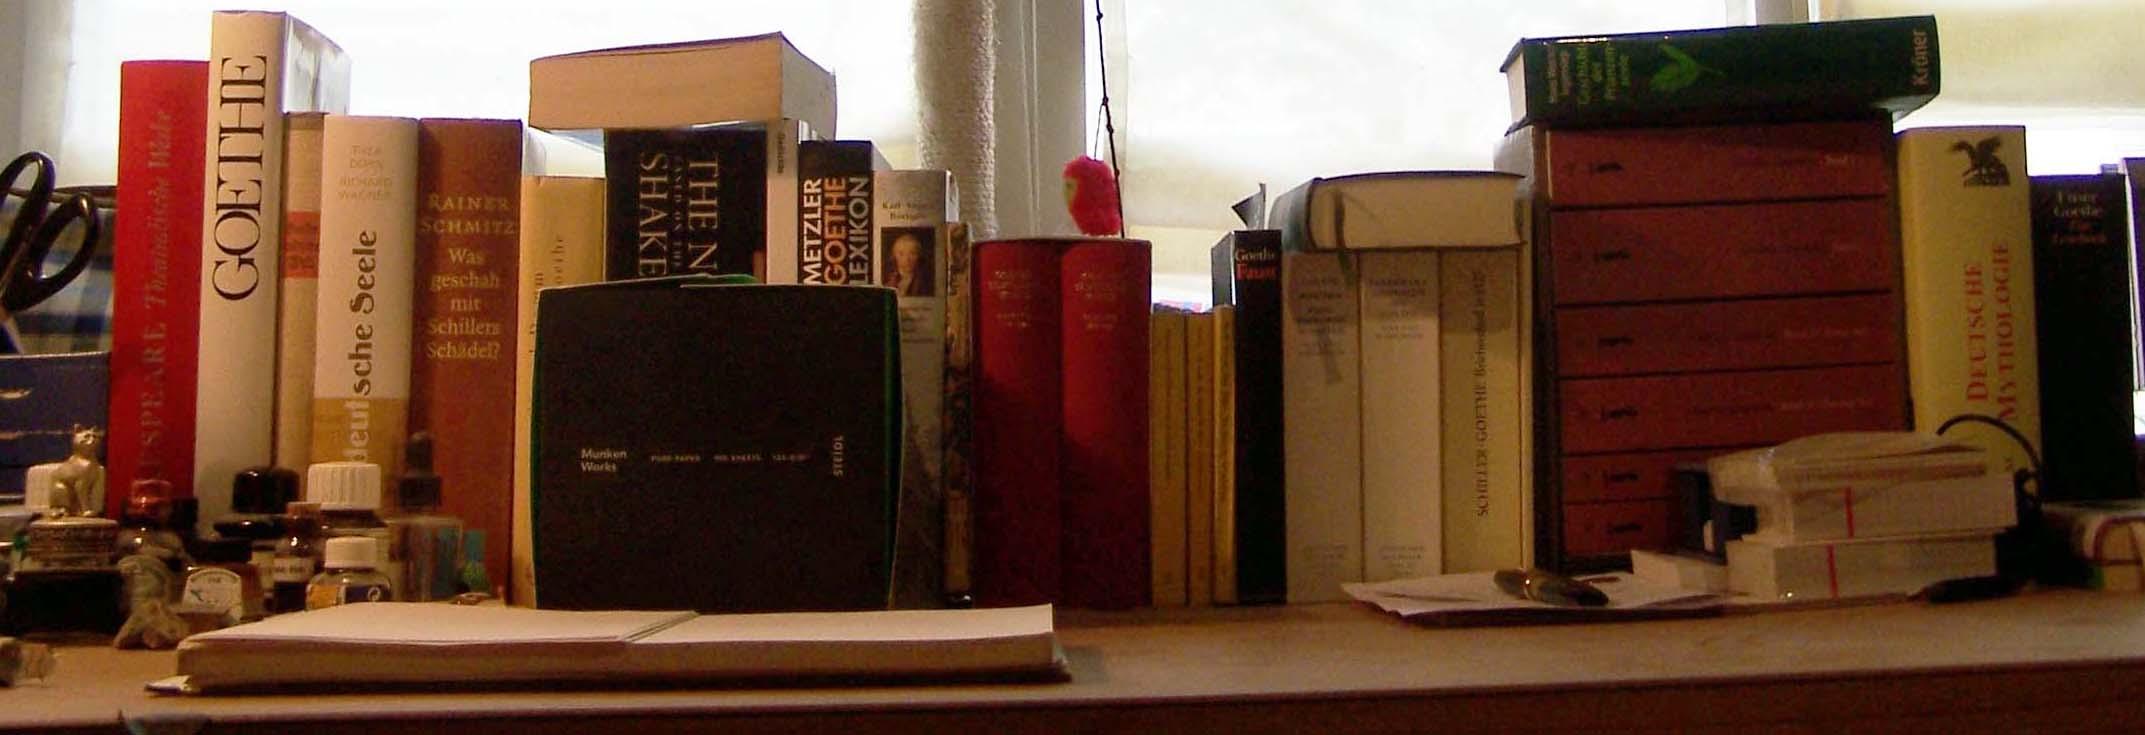 Schreibtisch mit Goethe und Munken Works